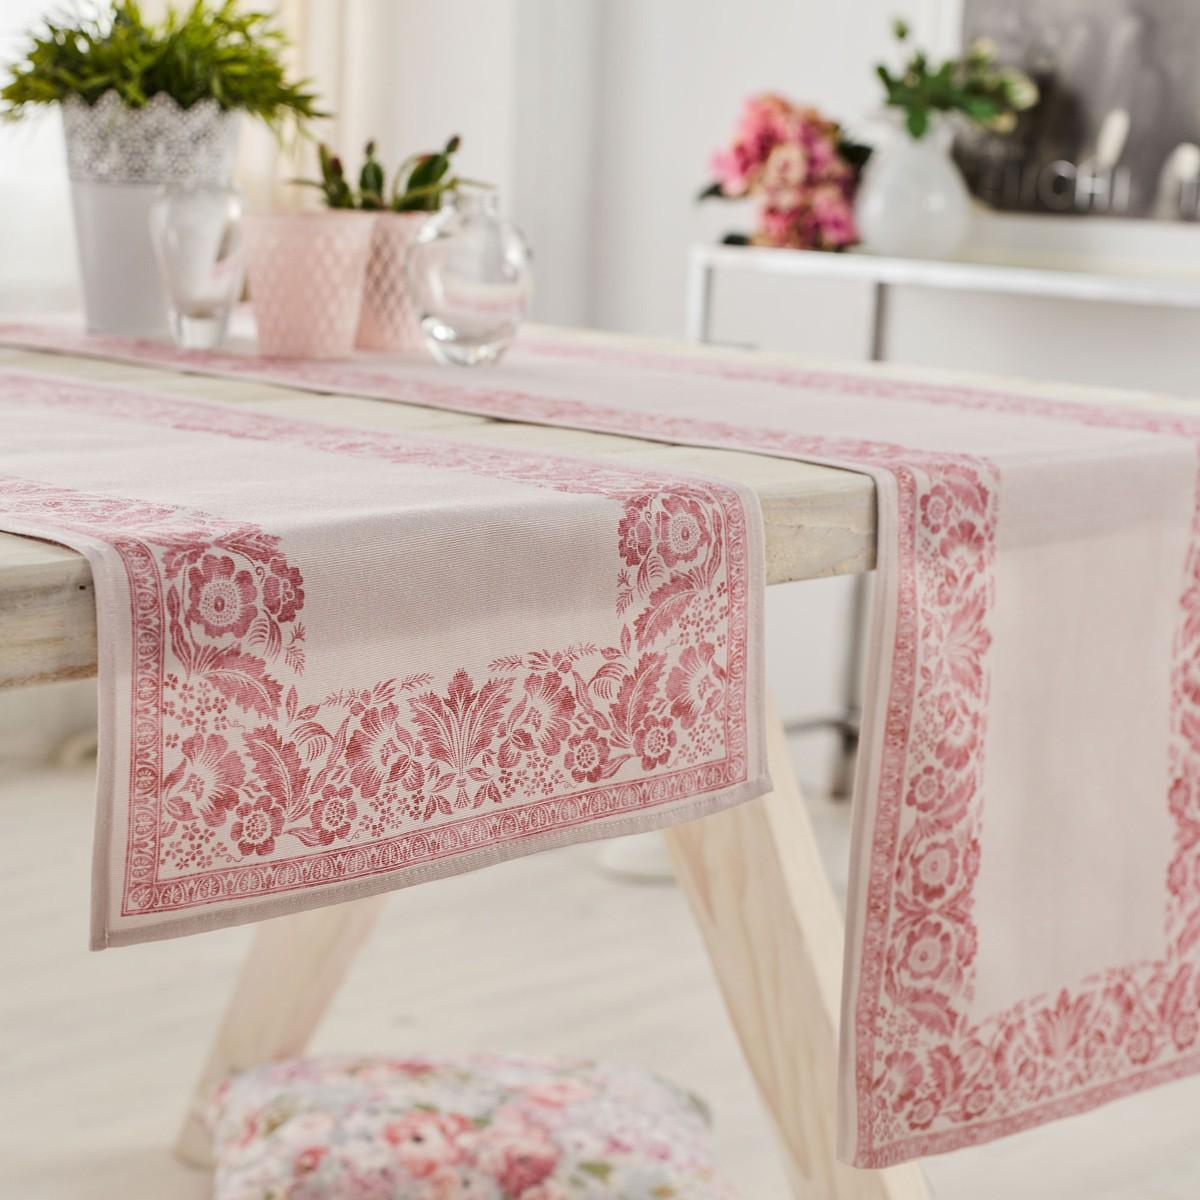 Τραβέρσα Gofis Home Verano Pink 360/17